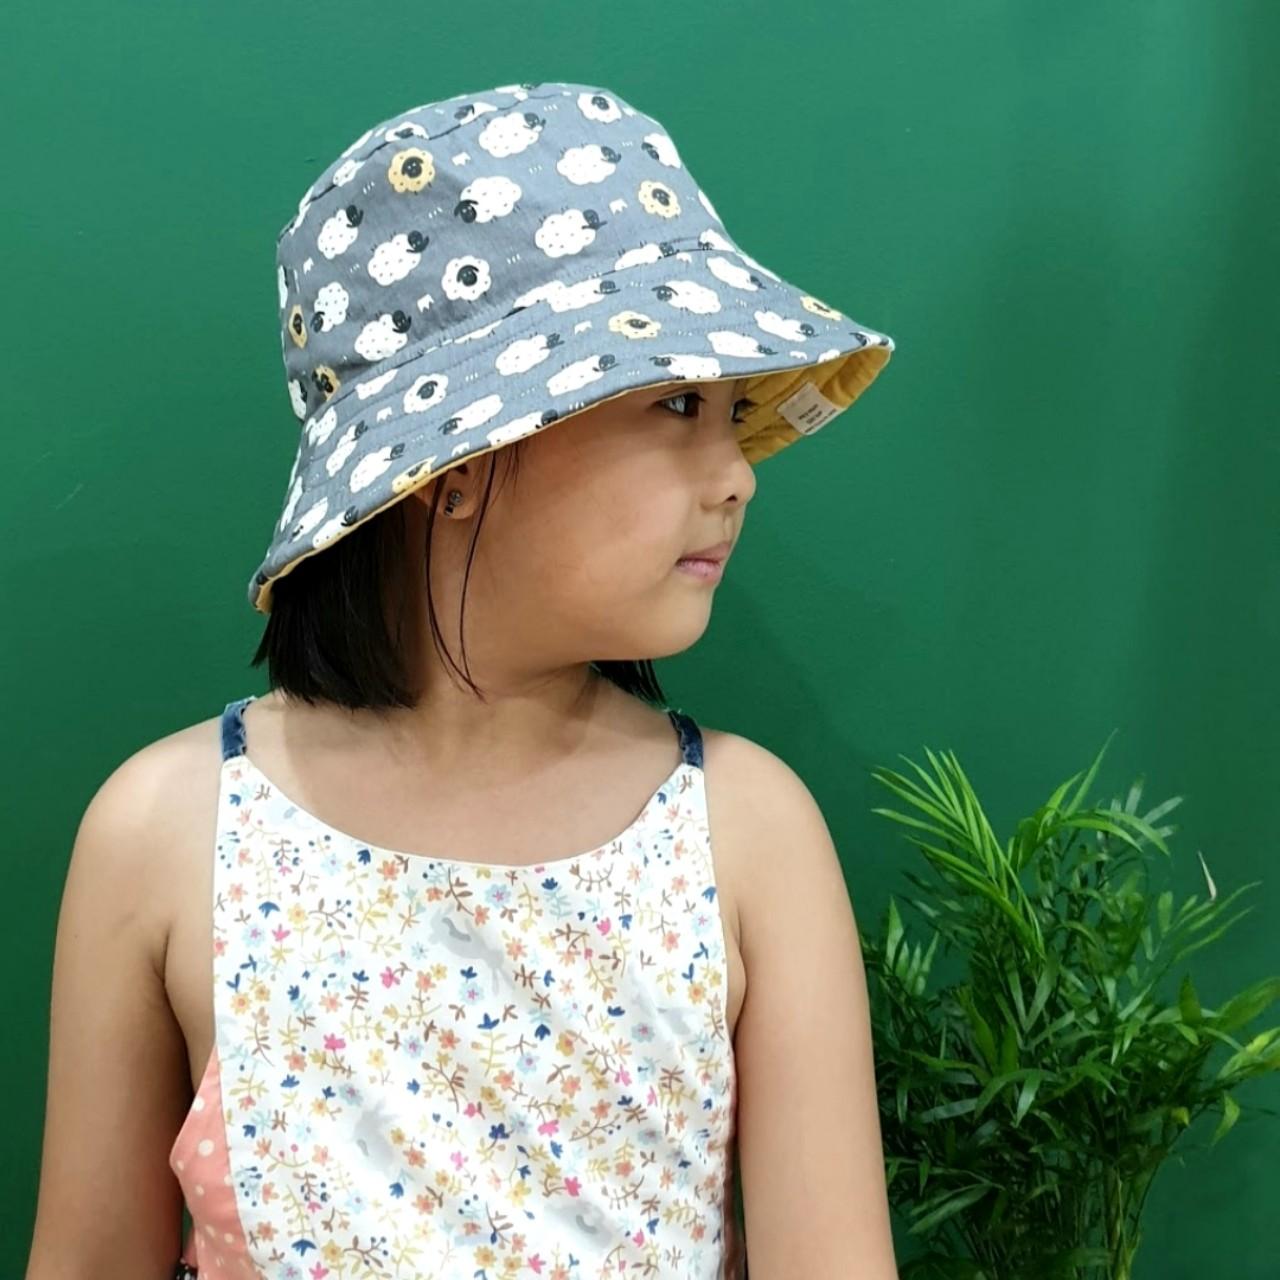 Mũ tai bèo, mũ tròn rộng vành, bucket cho bé từ 0 - 12 tuổi hình cừu ngộ nghĩnh đáng yêu. Mũ đội 2 mặt chống nắng, tia UV đi biển, dã ngoại